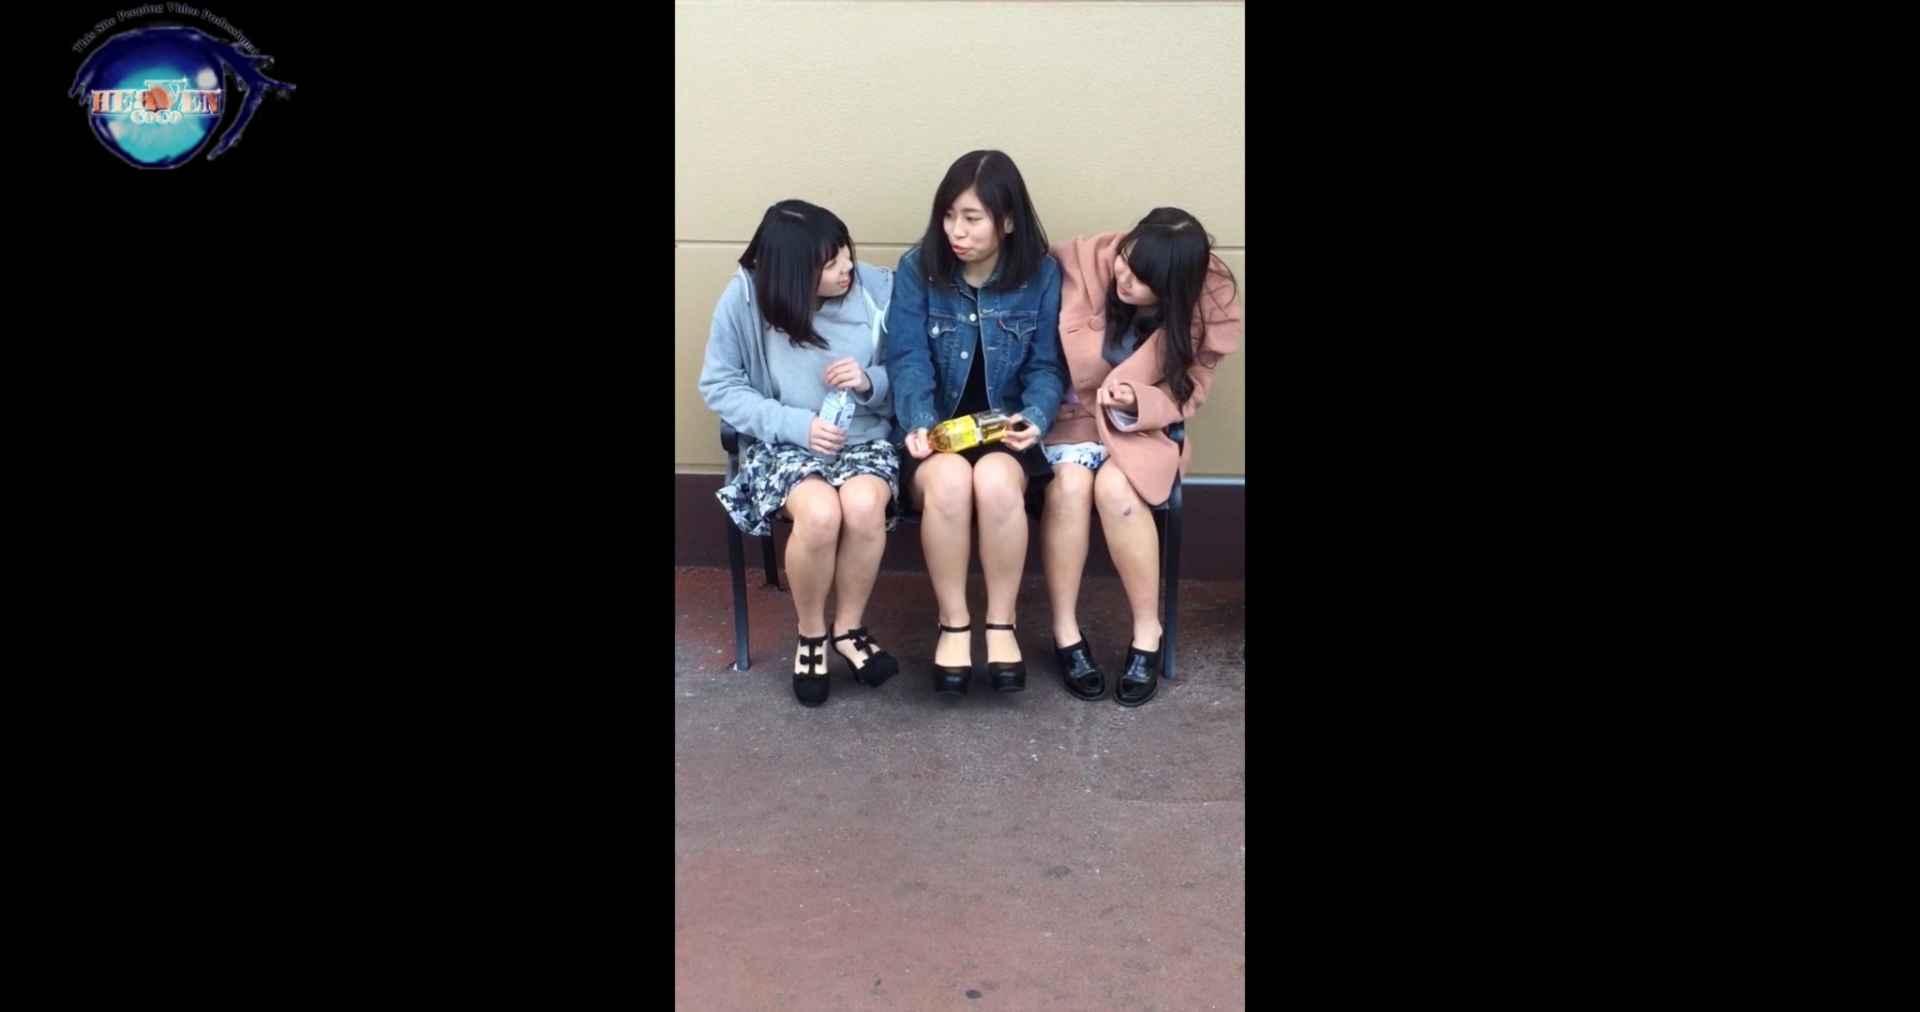 雅さんの独断と偏見で集めた動画 teenパンチラ編vol.8 期間限定  53連発 20